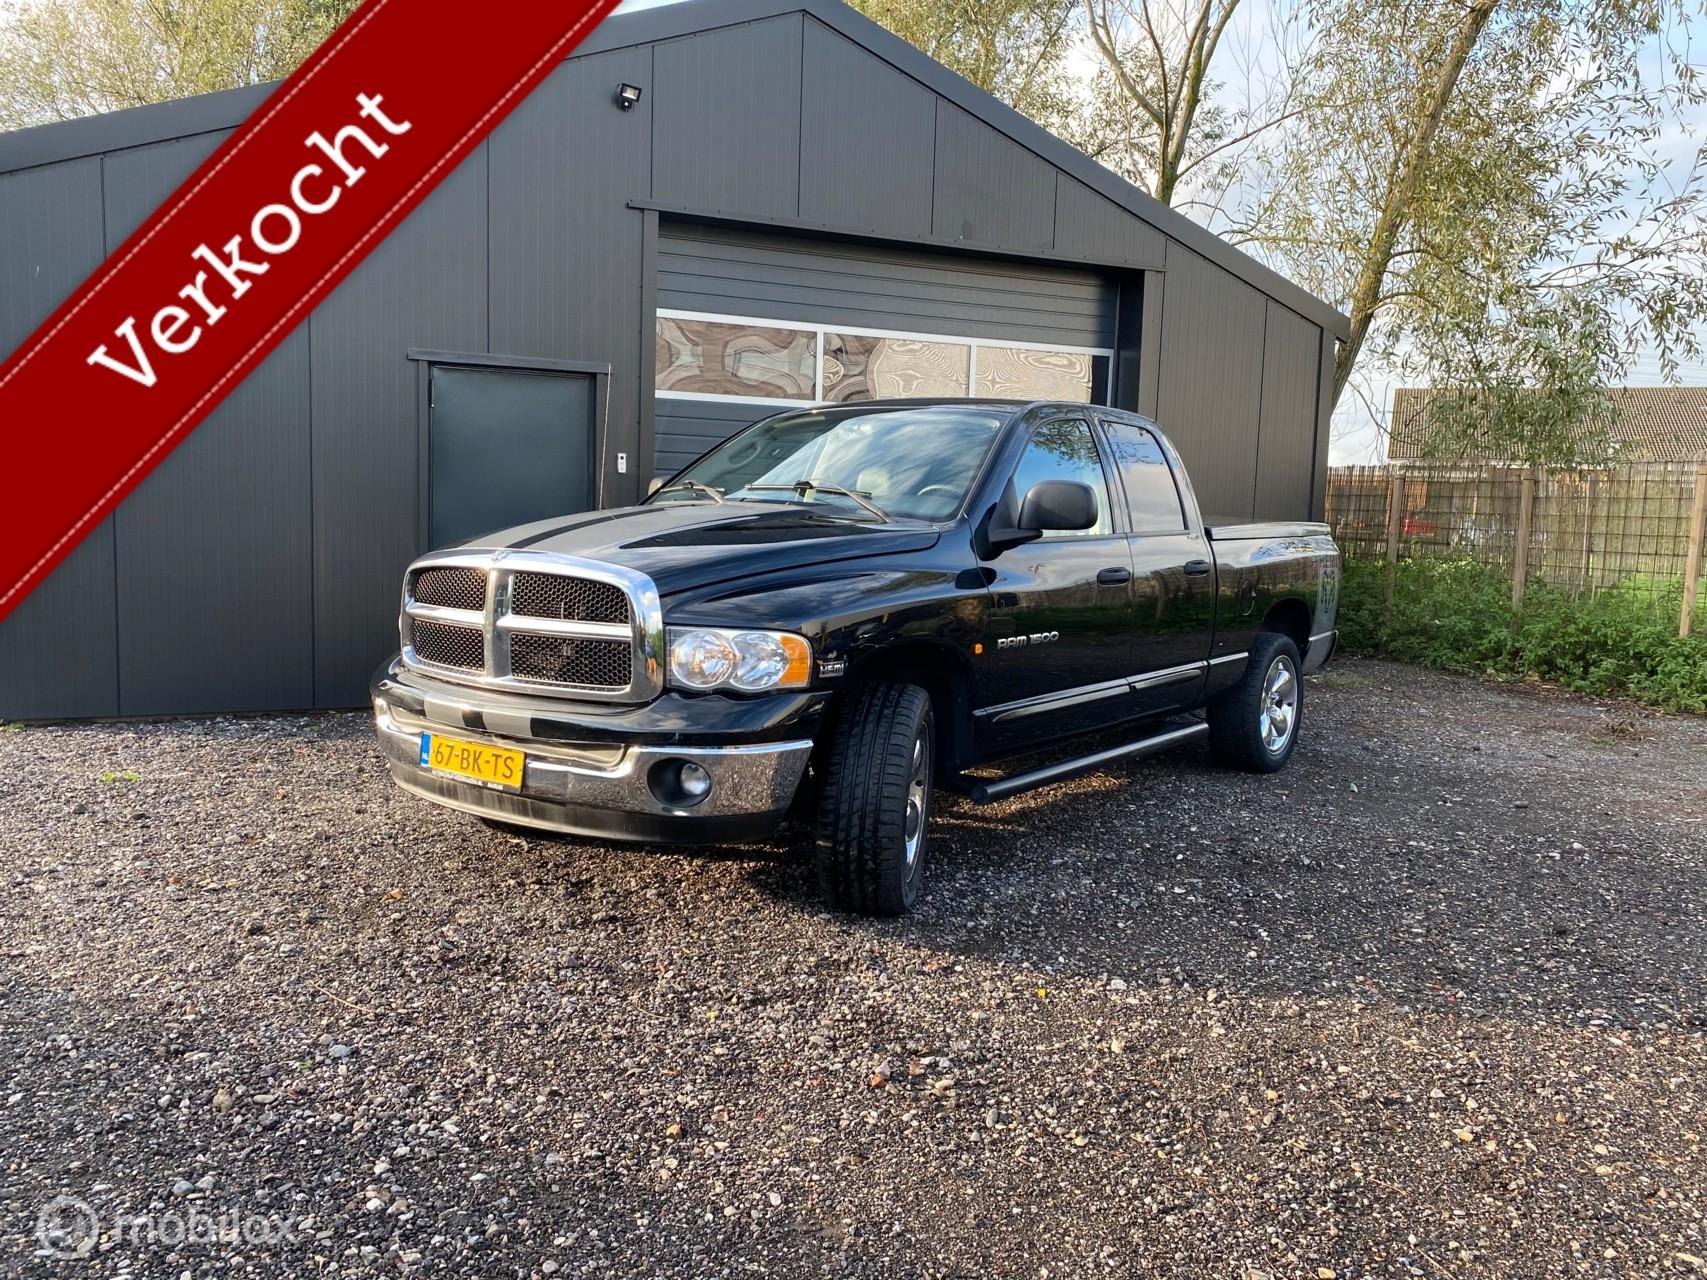 Dodge Ram Hemi 5.7 |LPG |4x4|Dubbele cabine| Youngtimer